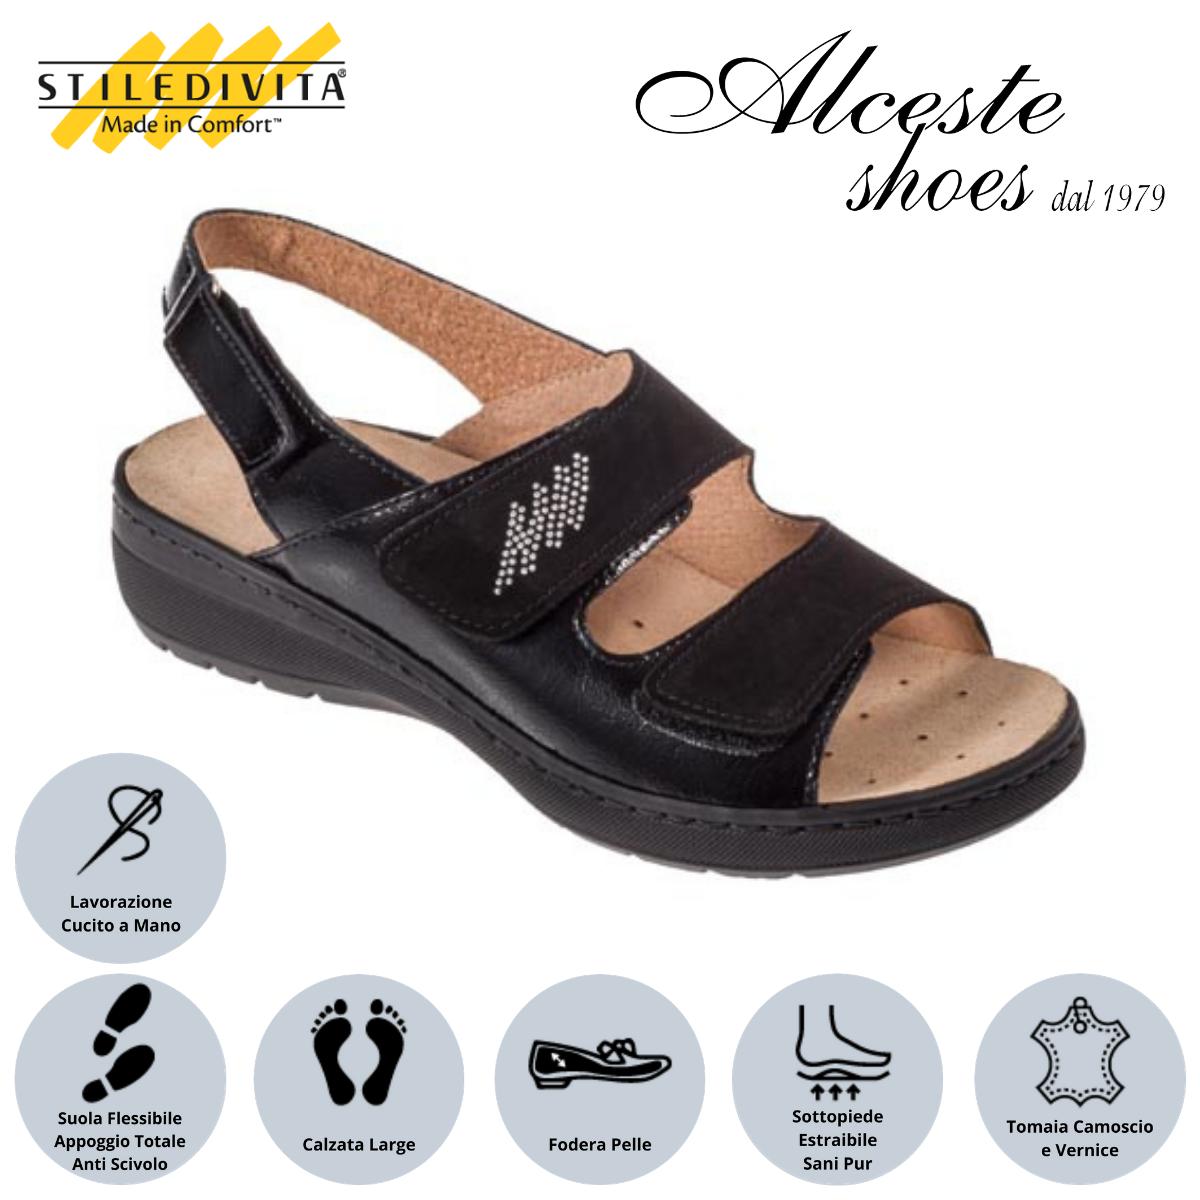 Sandalo con Strappi Stiledivita Art. 8228 Vernice e Camoscio Nero Alceste Shoes 3